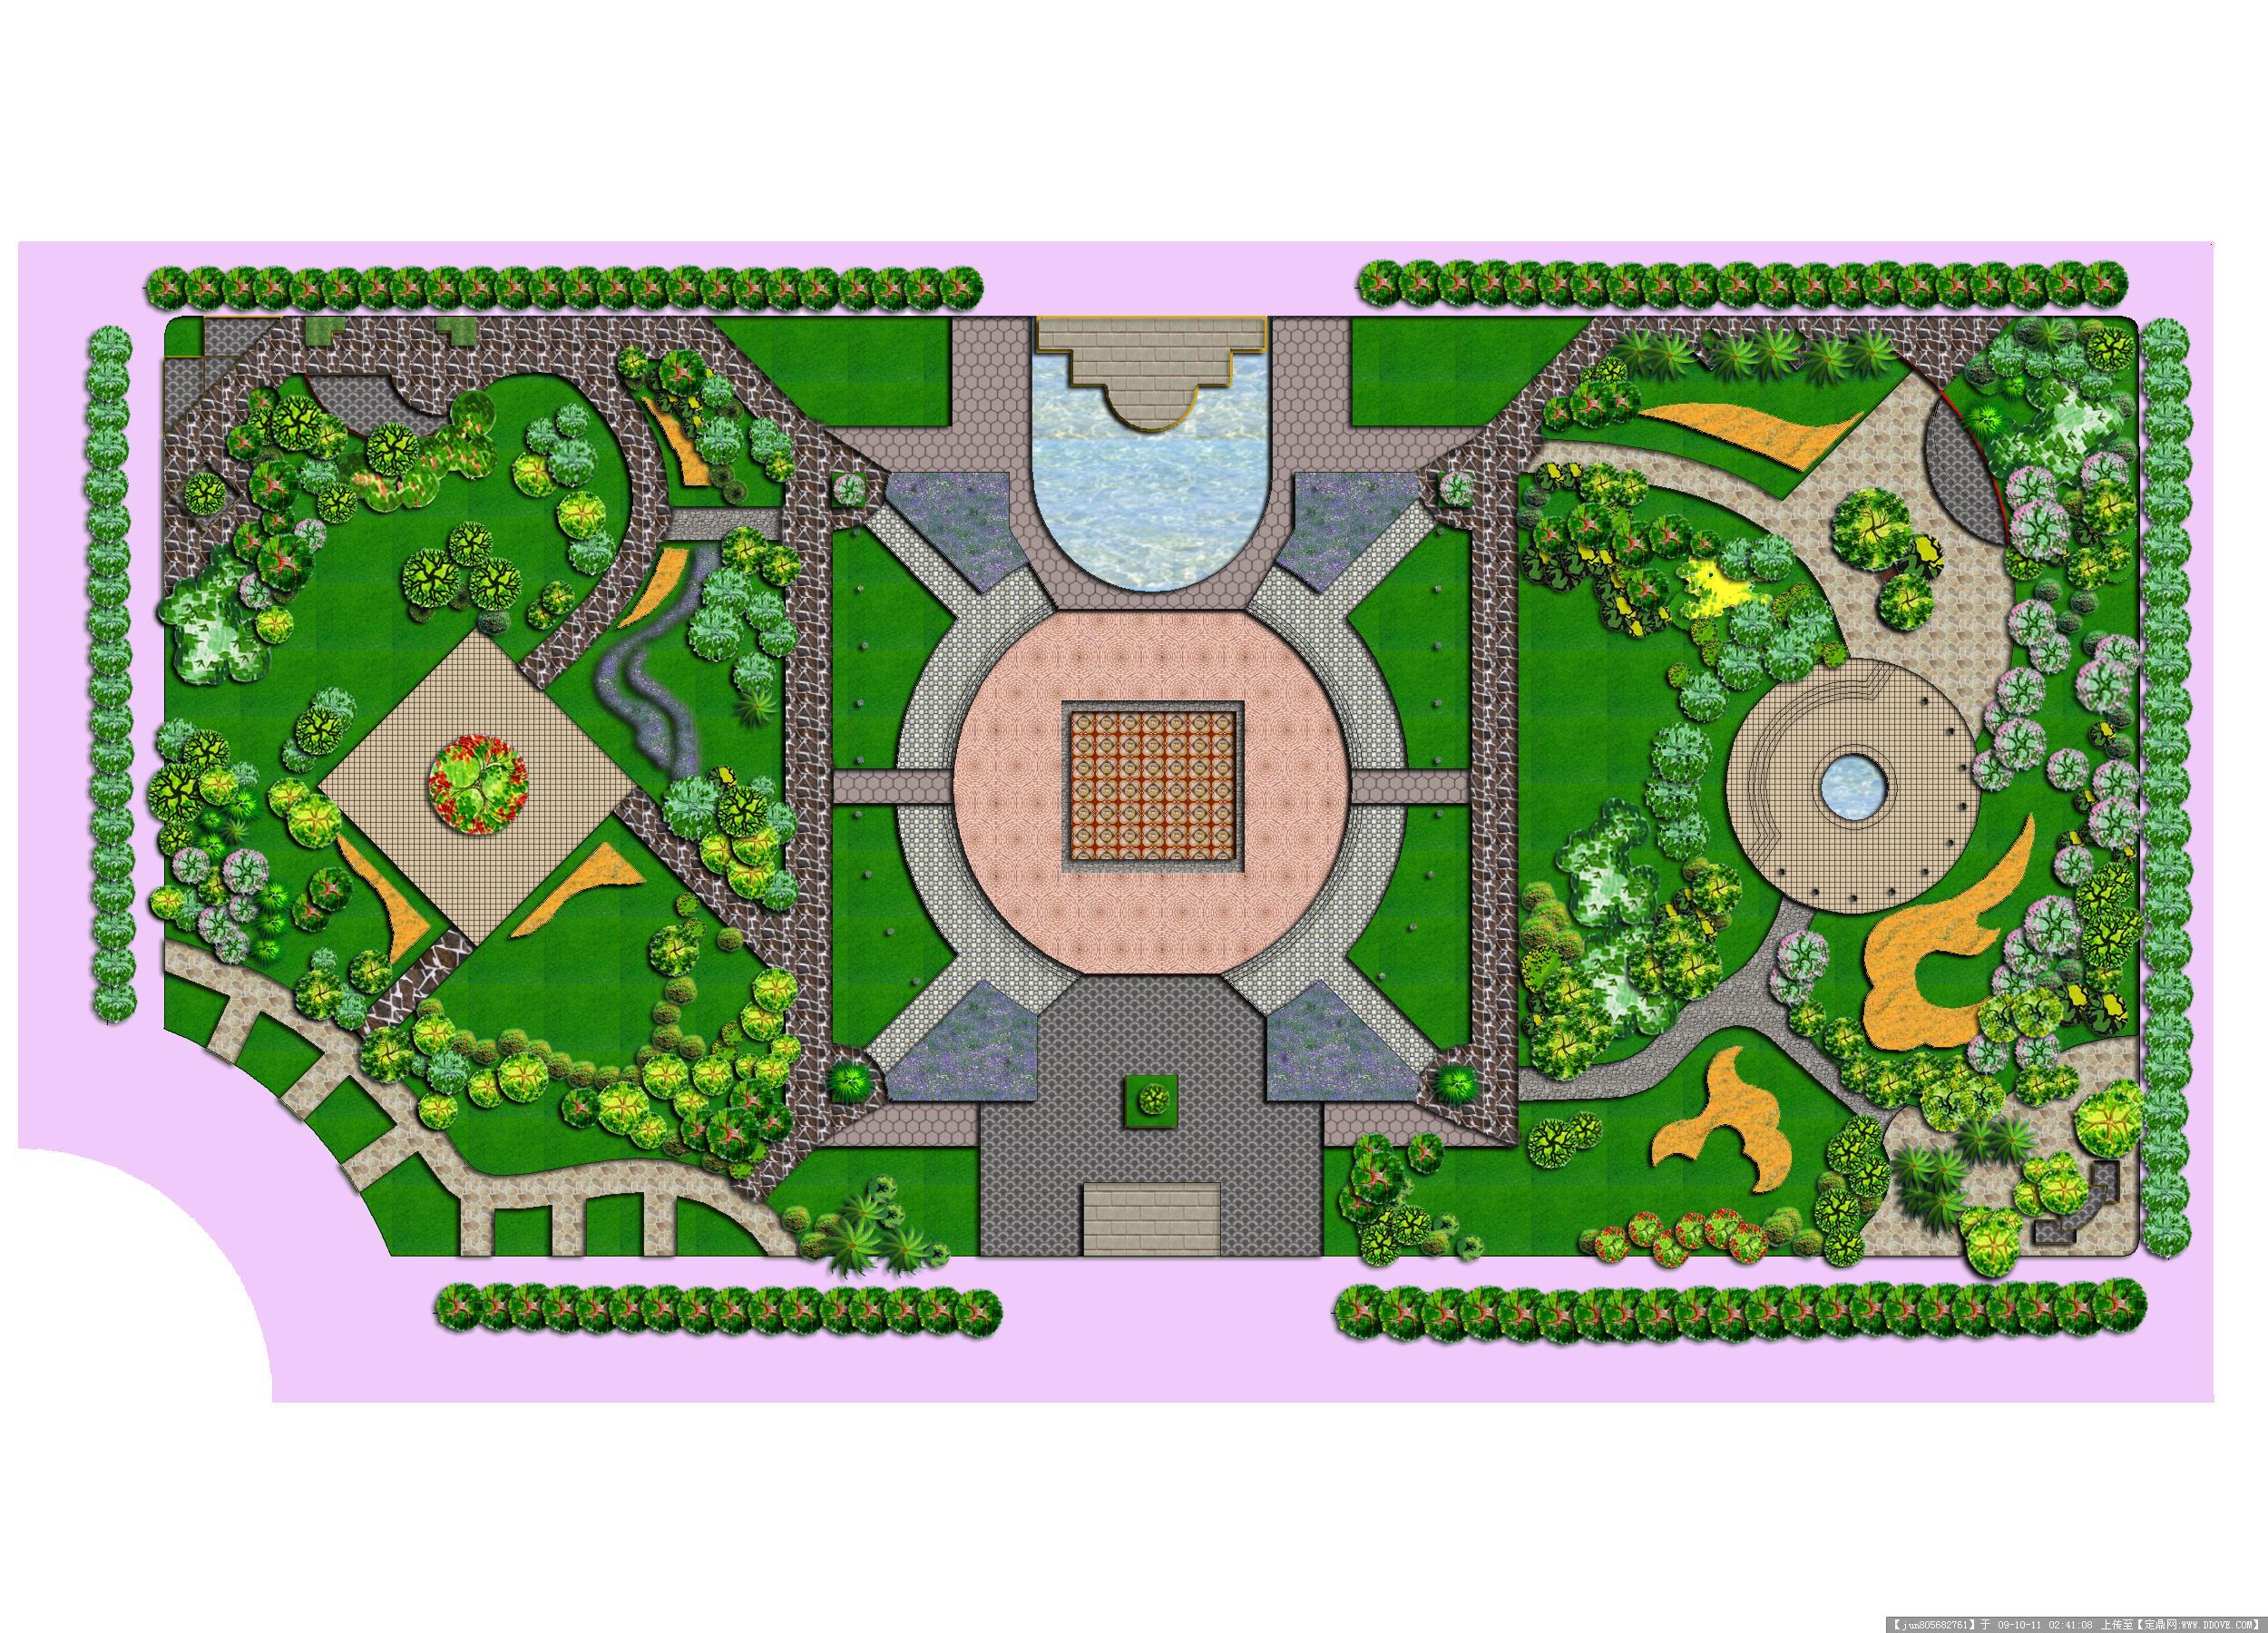 几张居住区景观绿化效果图